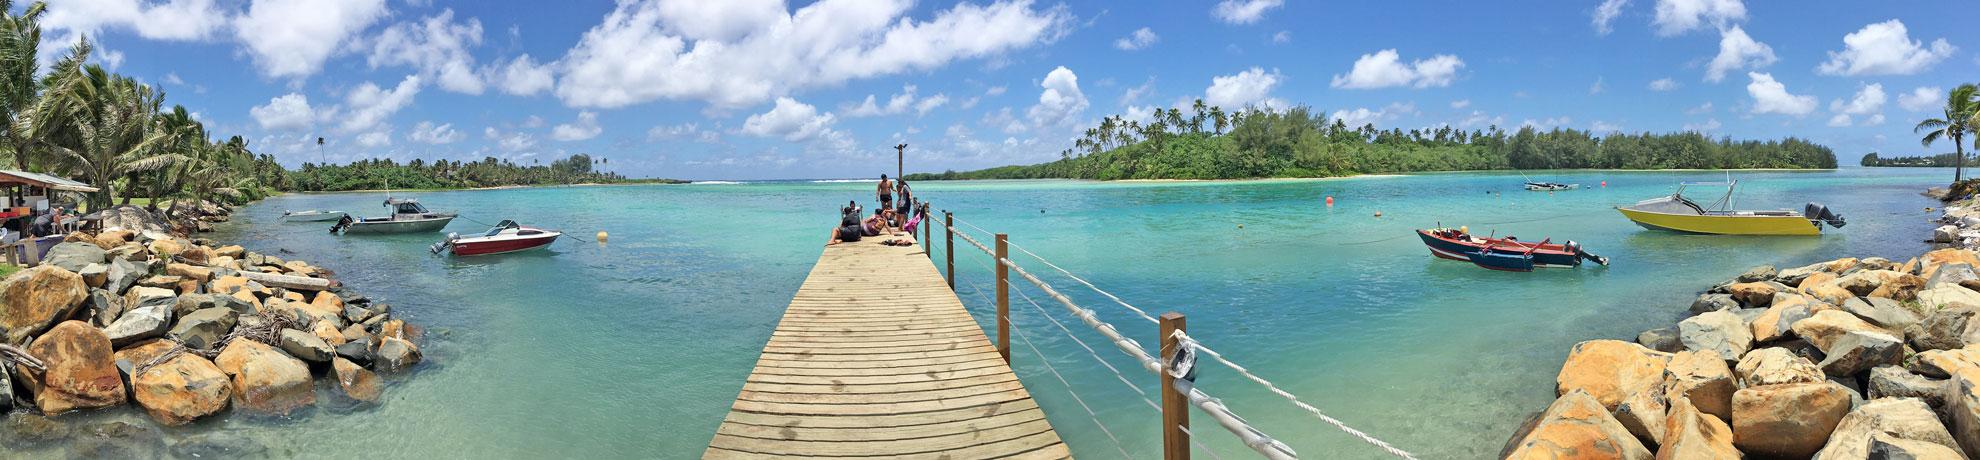 Comment bien se comporter à l'arrivée en Polynésie